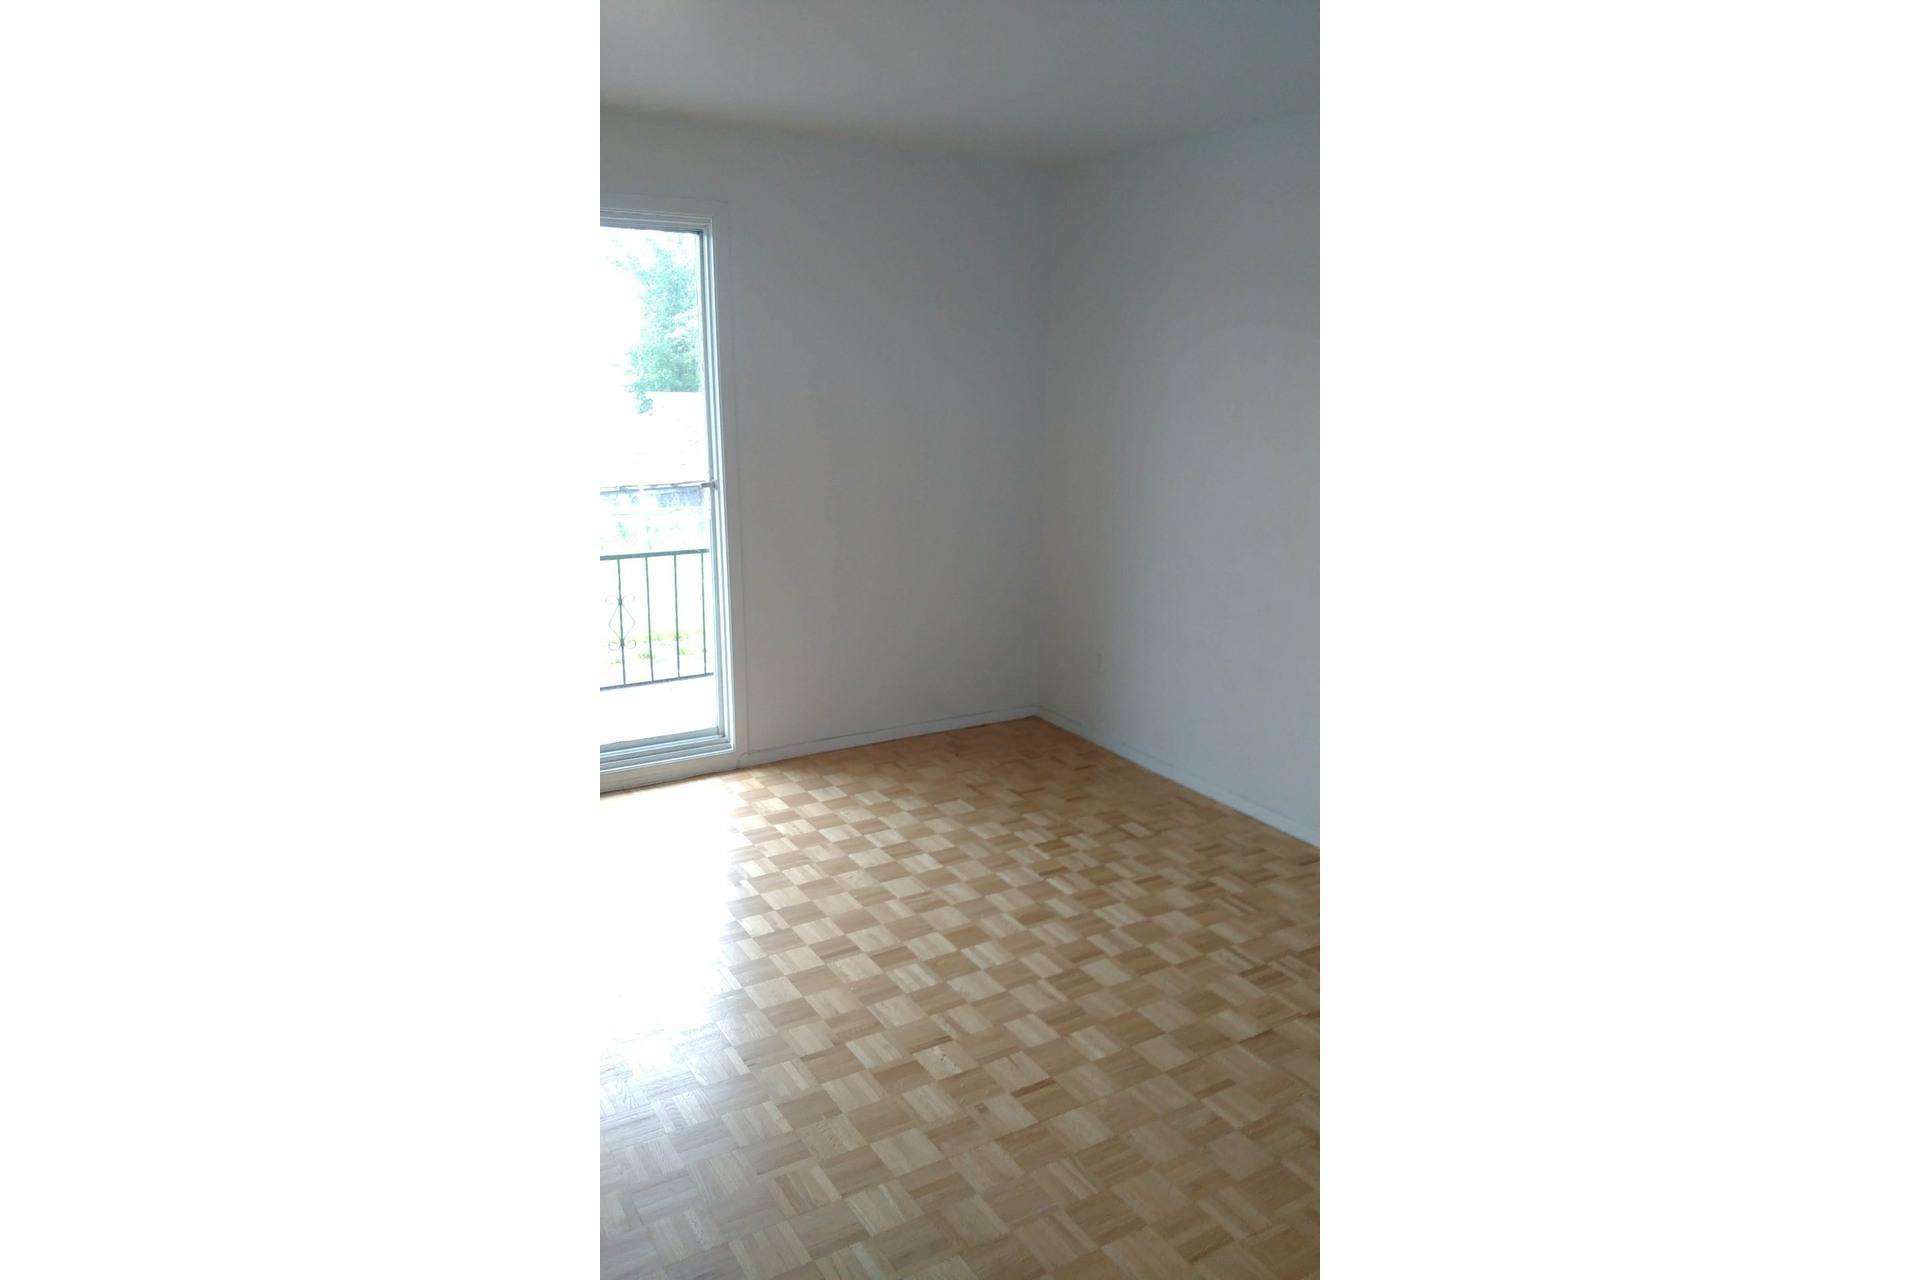 image 7 - Appartement À louer Sorel-Tracy - 5 pièces